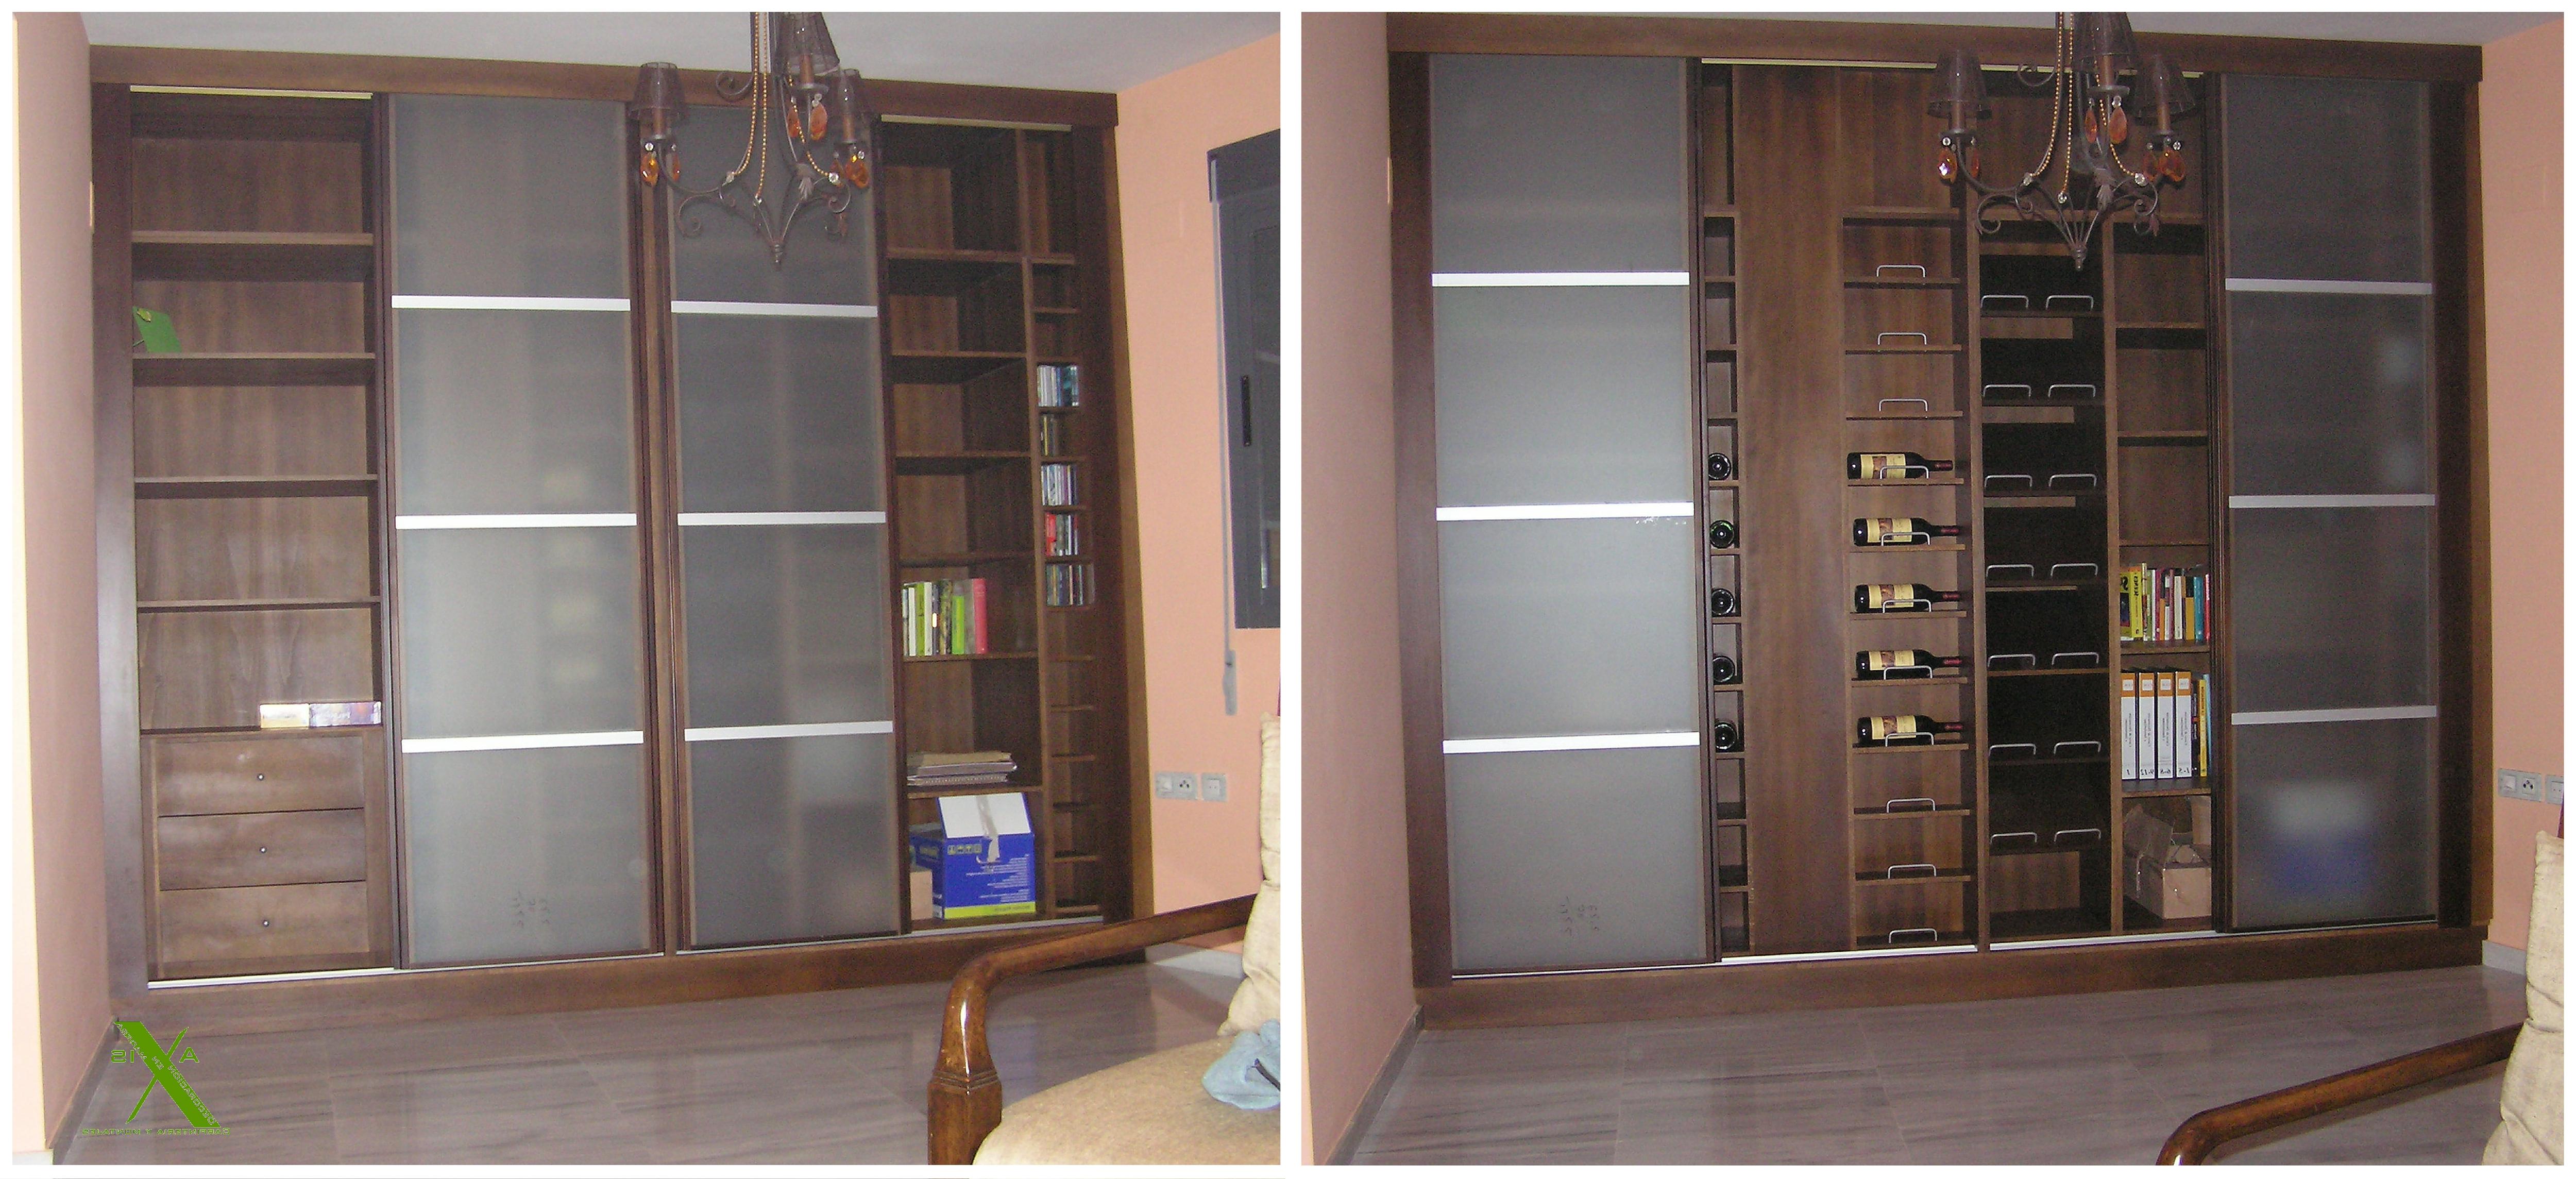 Mueble Libreria Salon S5d8 Librerà as Y Muebles De Salà N Axis Carpinterà A Y Diseà O